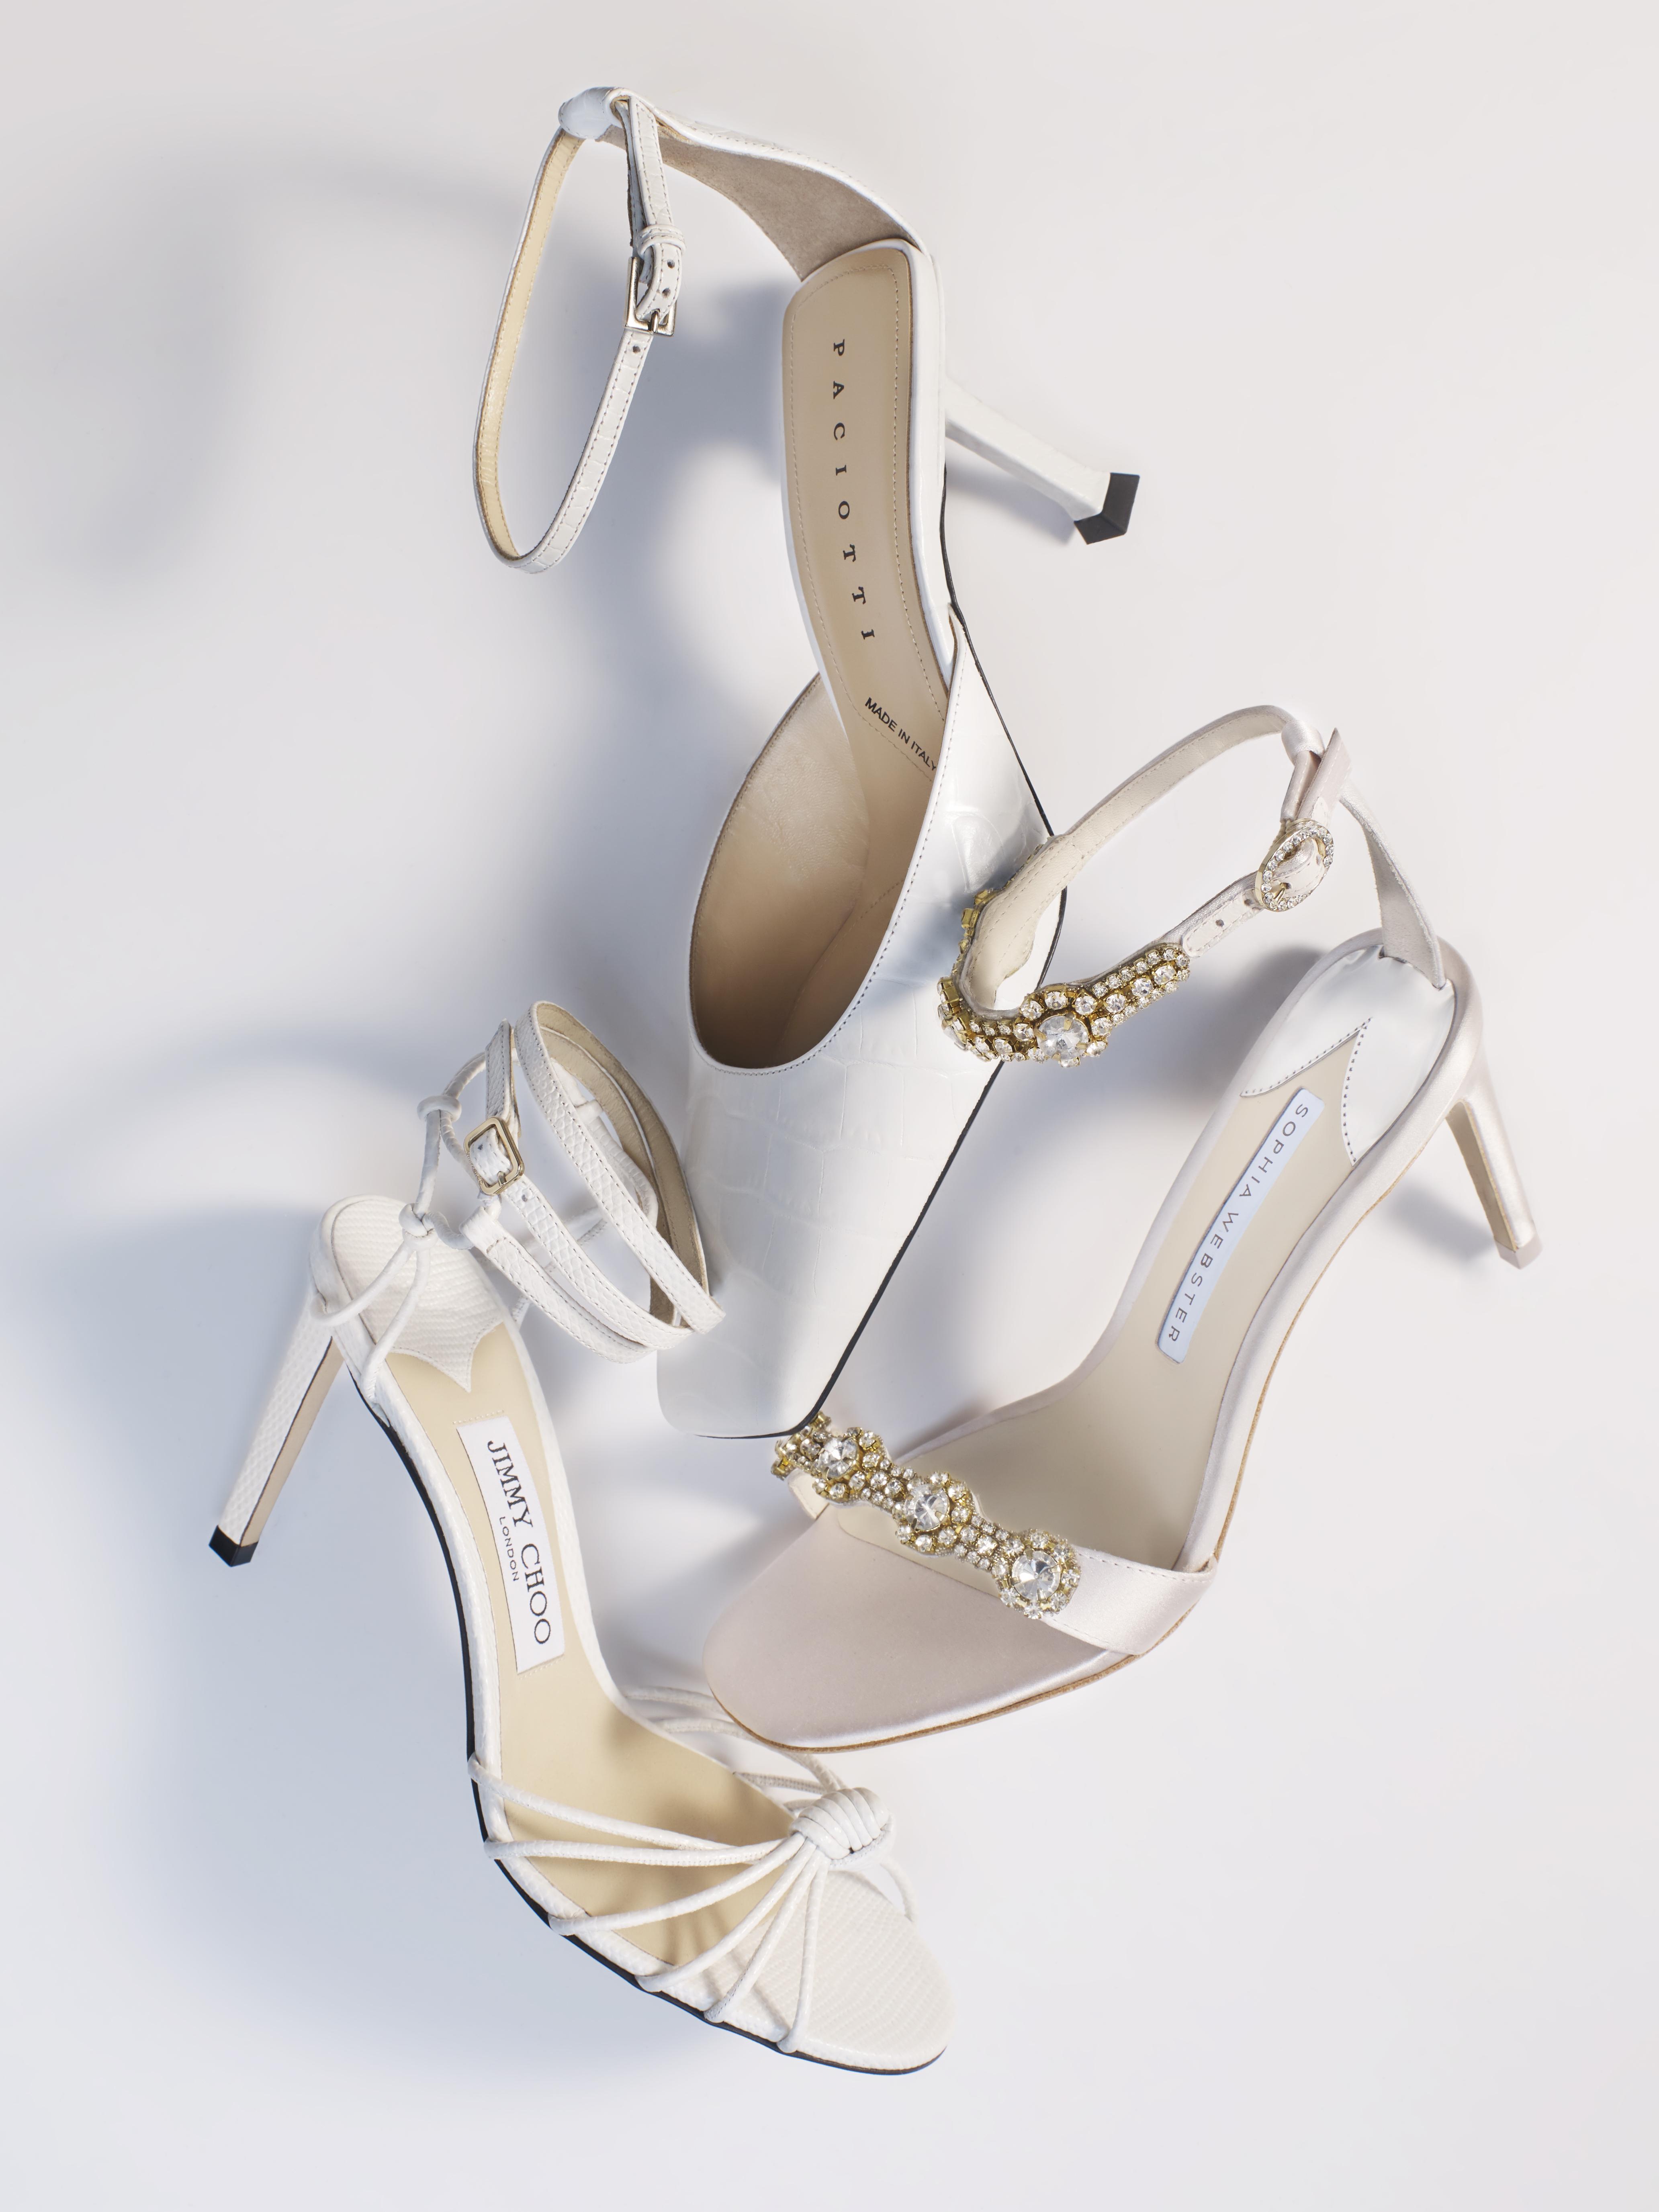 Best Bridal Shoes The Ultimate Designer Wedding Shoes Edit Porter